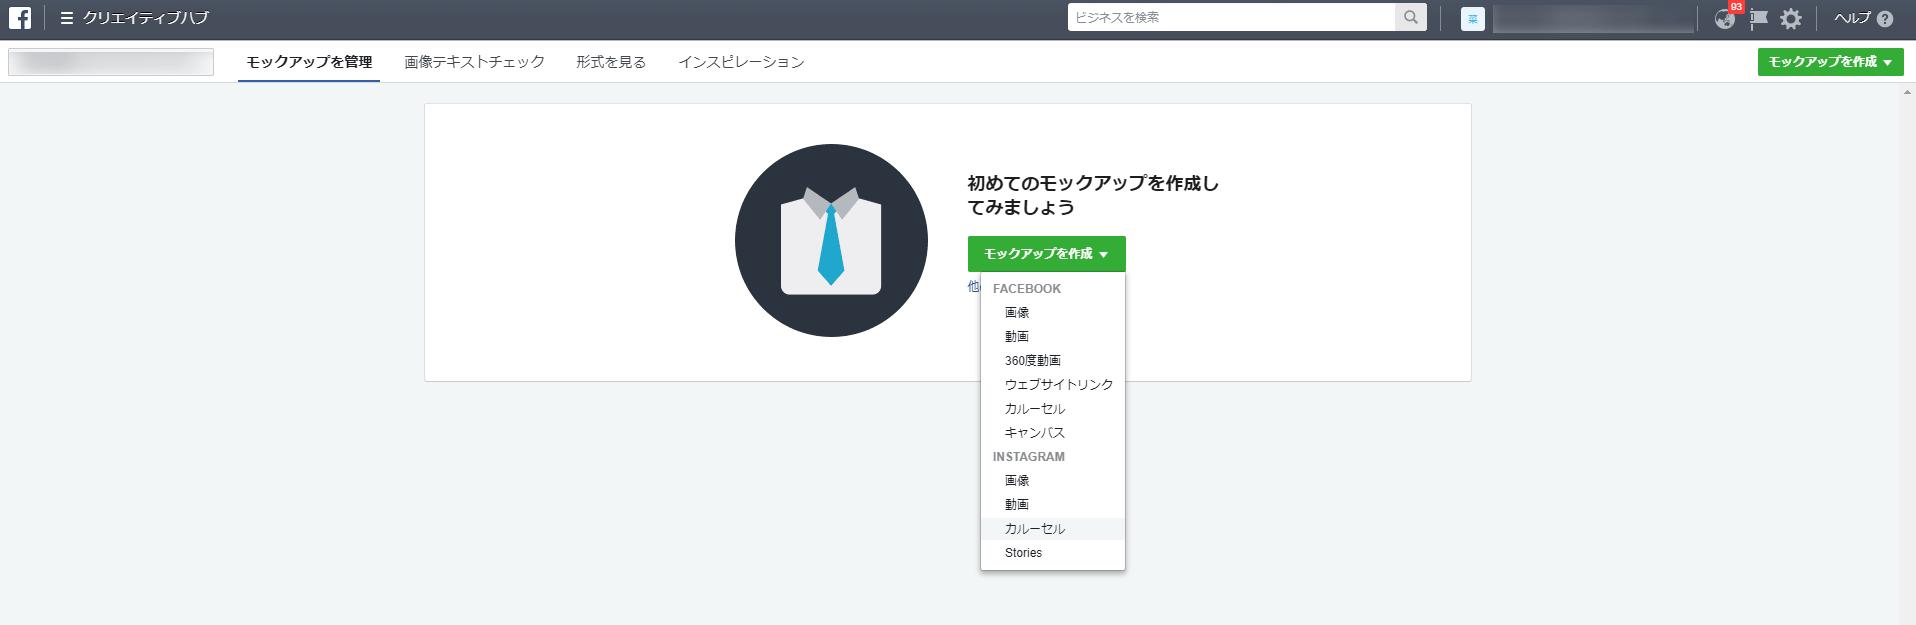 bokasi1